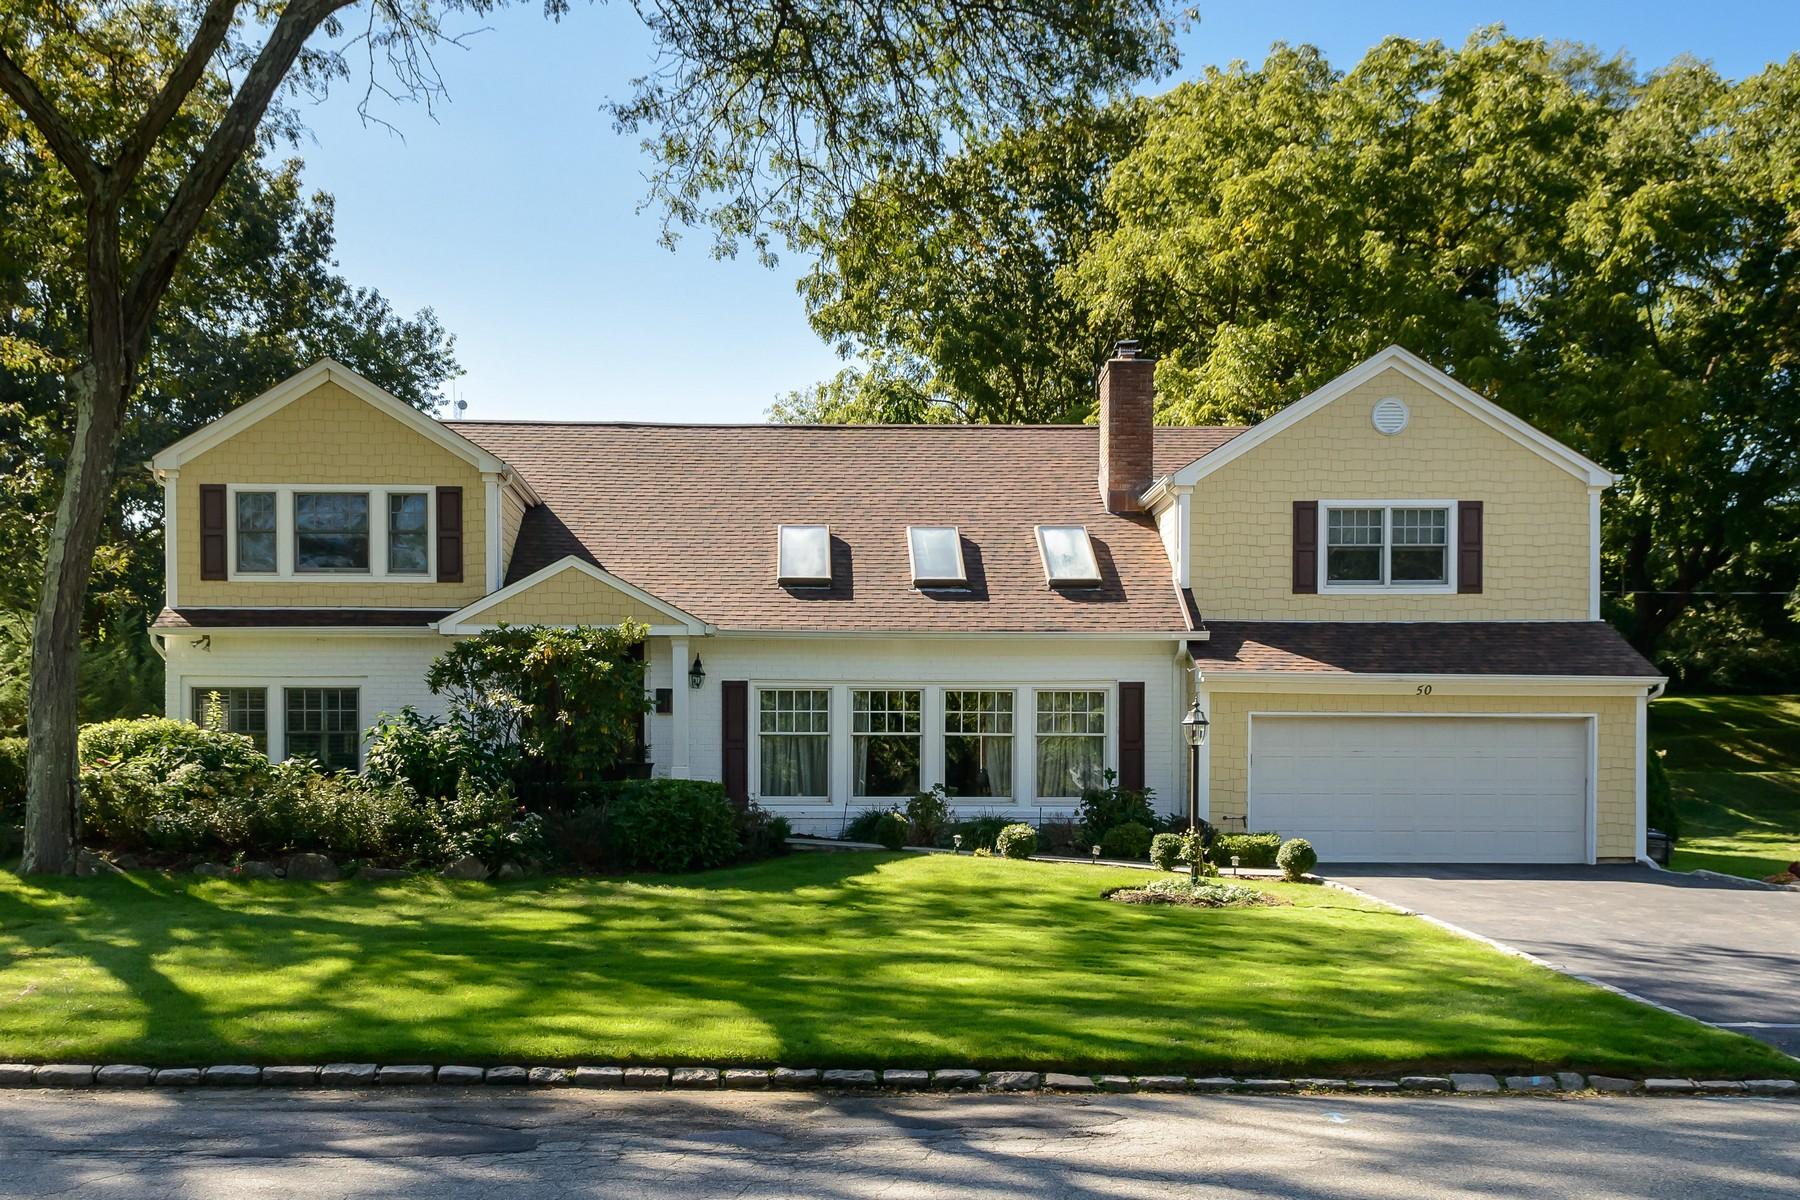 واحد منزل الأسرة للـ Sale في Colonial 50 Walnut Dr East Hills, New York, 11576 United States